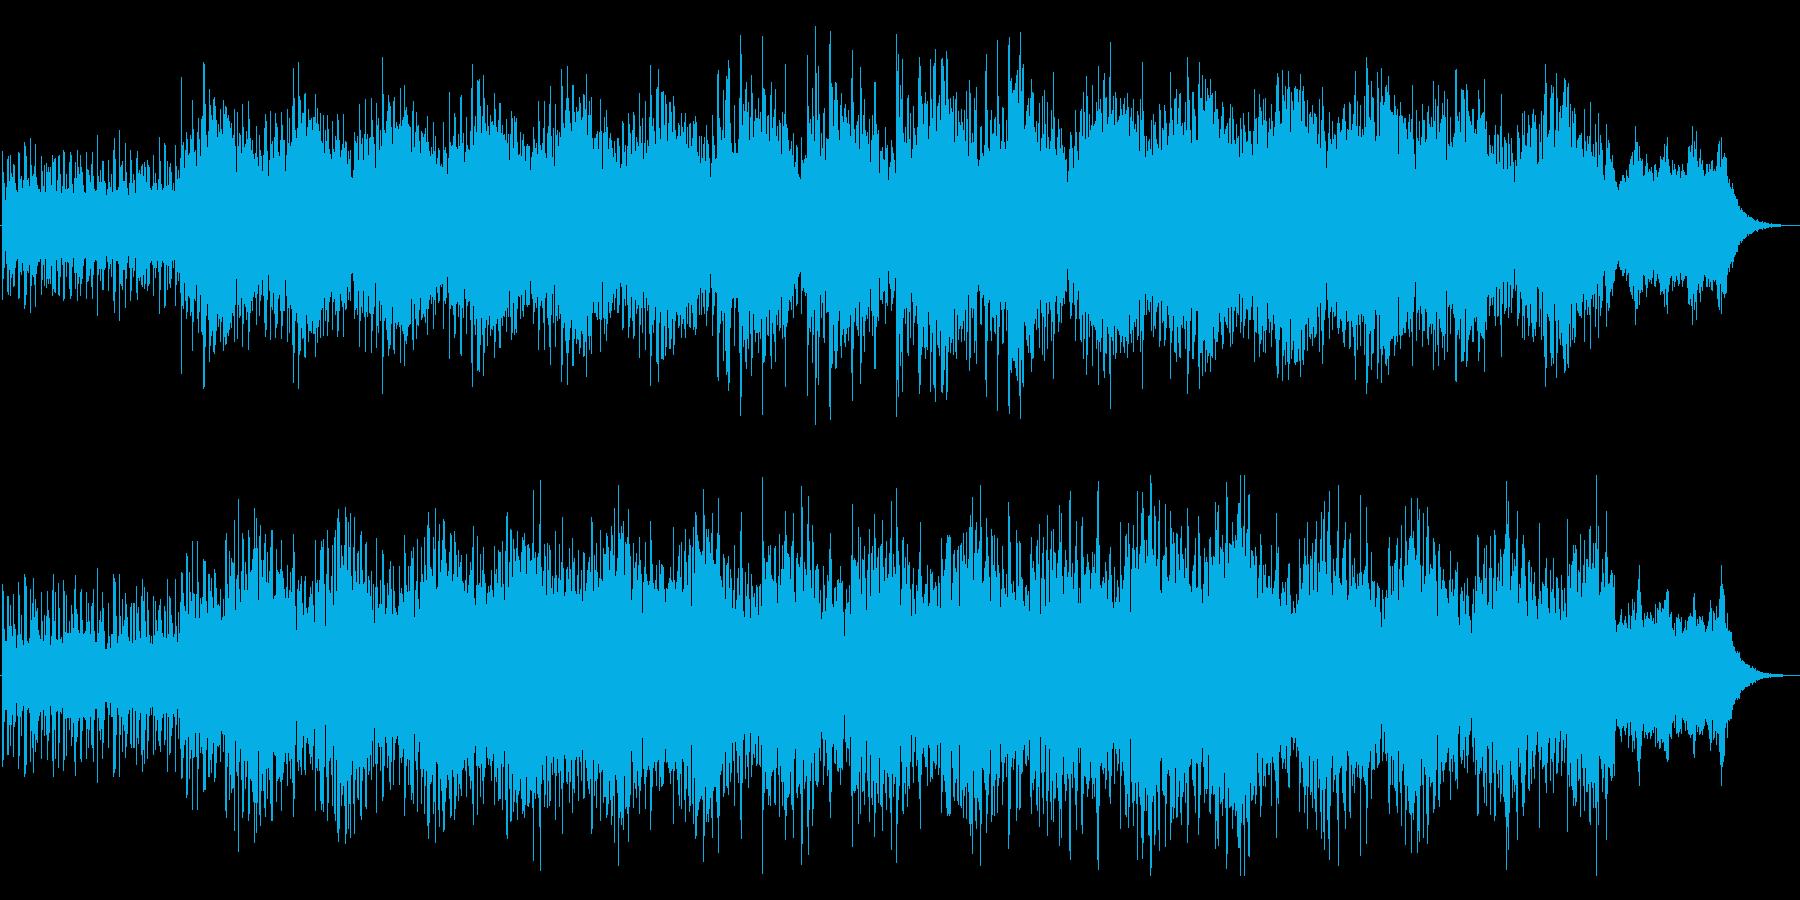 『気球に乗って』穏やかなヒーリング音楽の再生済みの波形